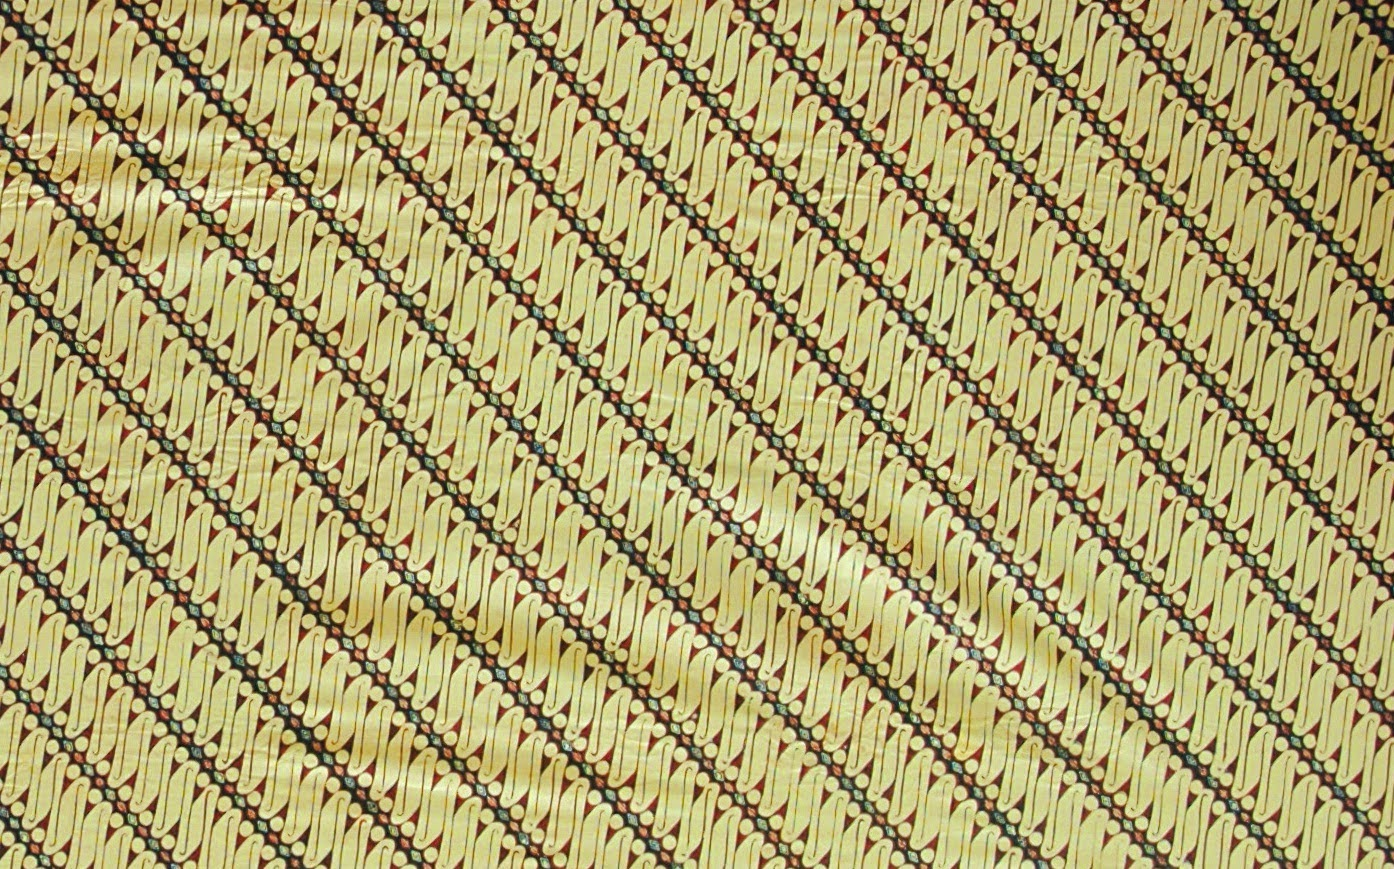 Macam macam batik: Batik Garut